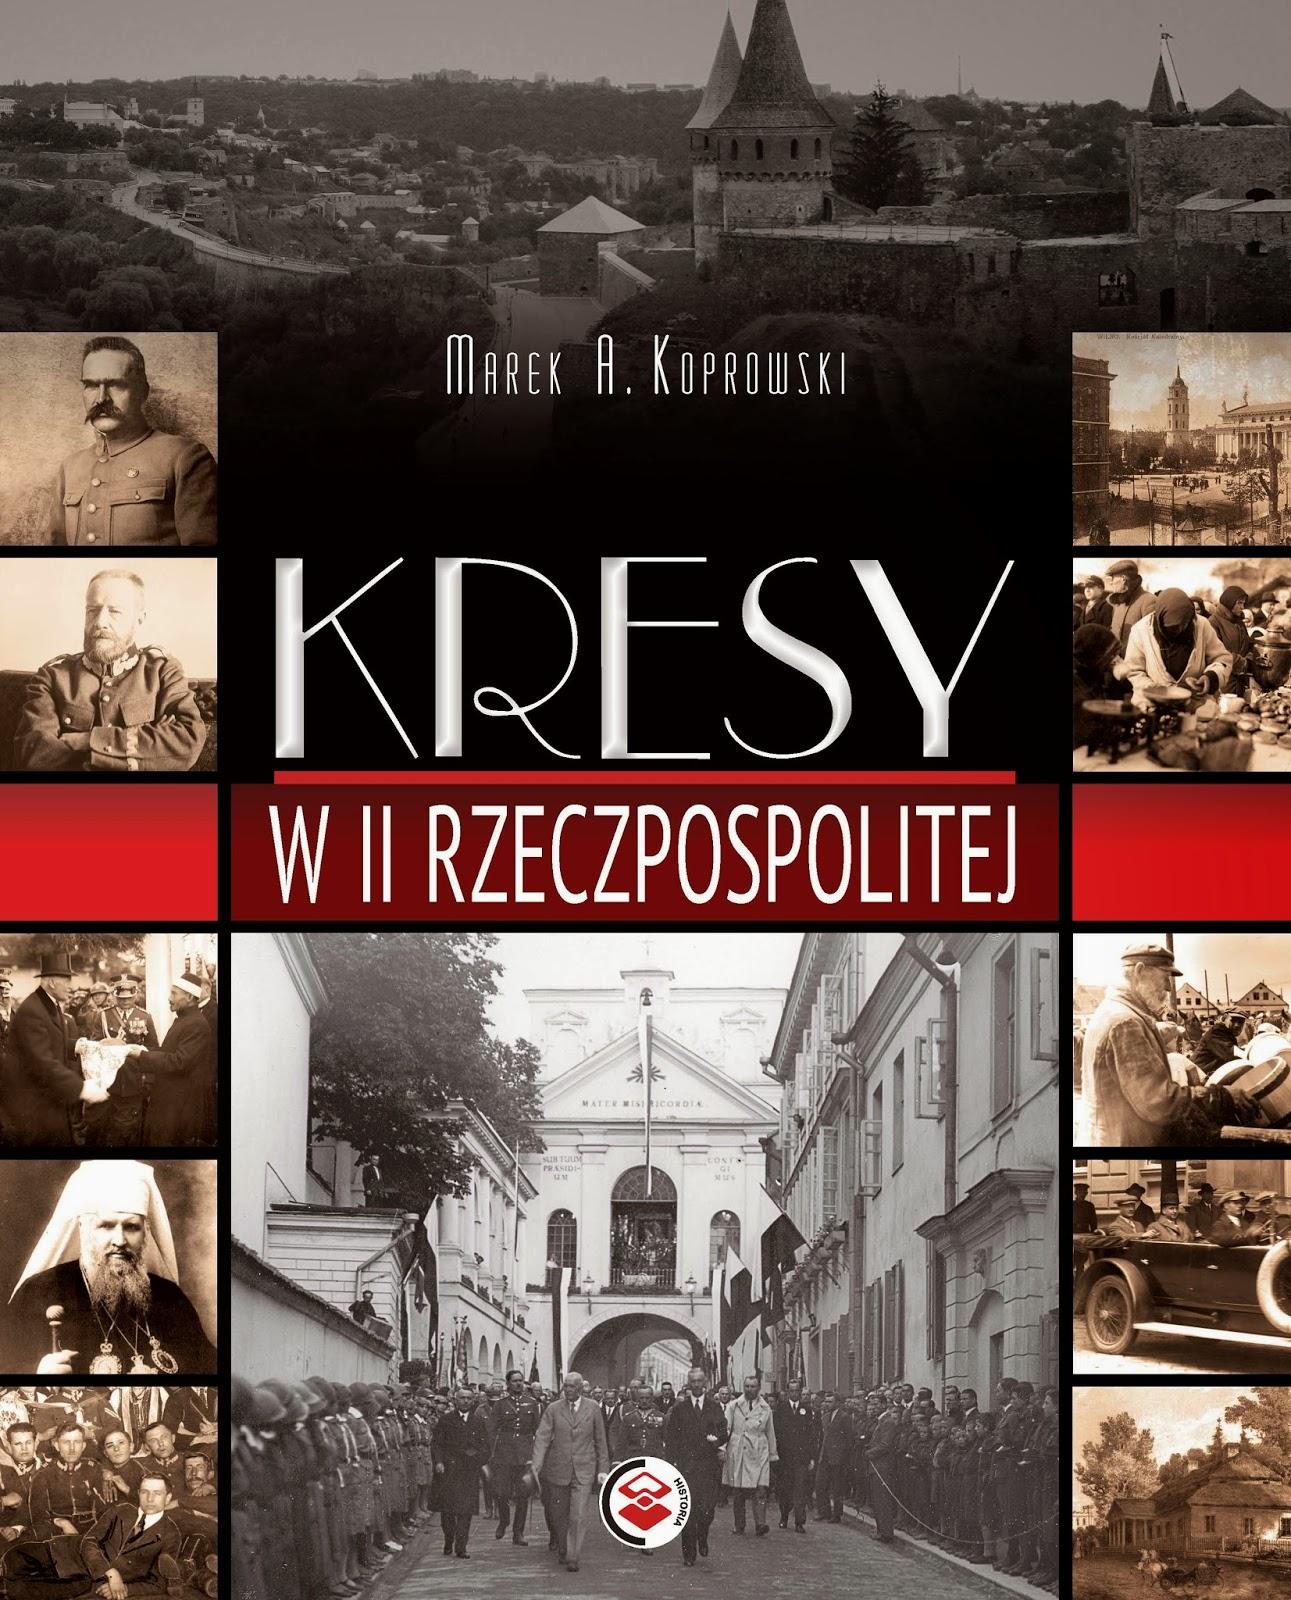 Kresy w II Rzeczpospolitej - Marek A. Koprowski